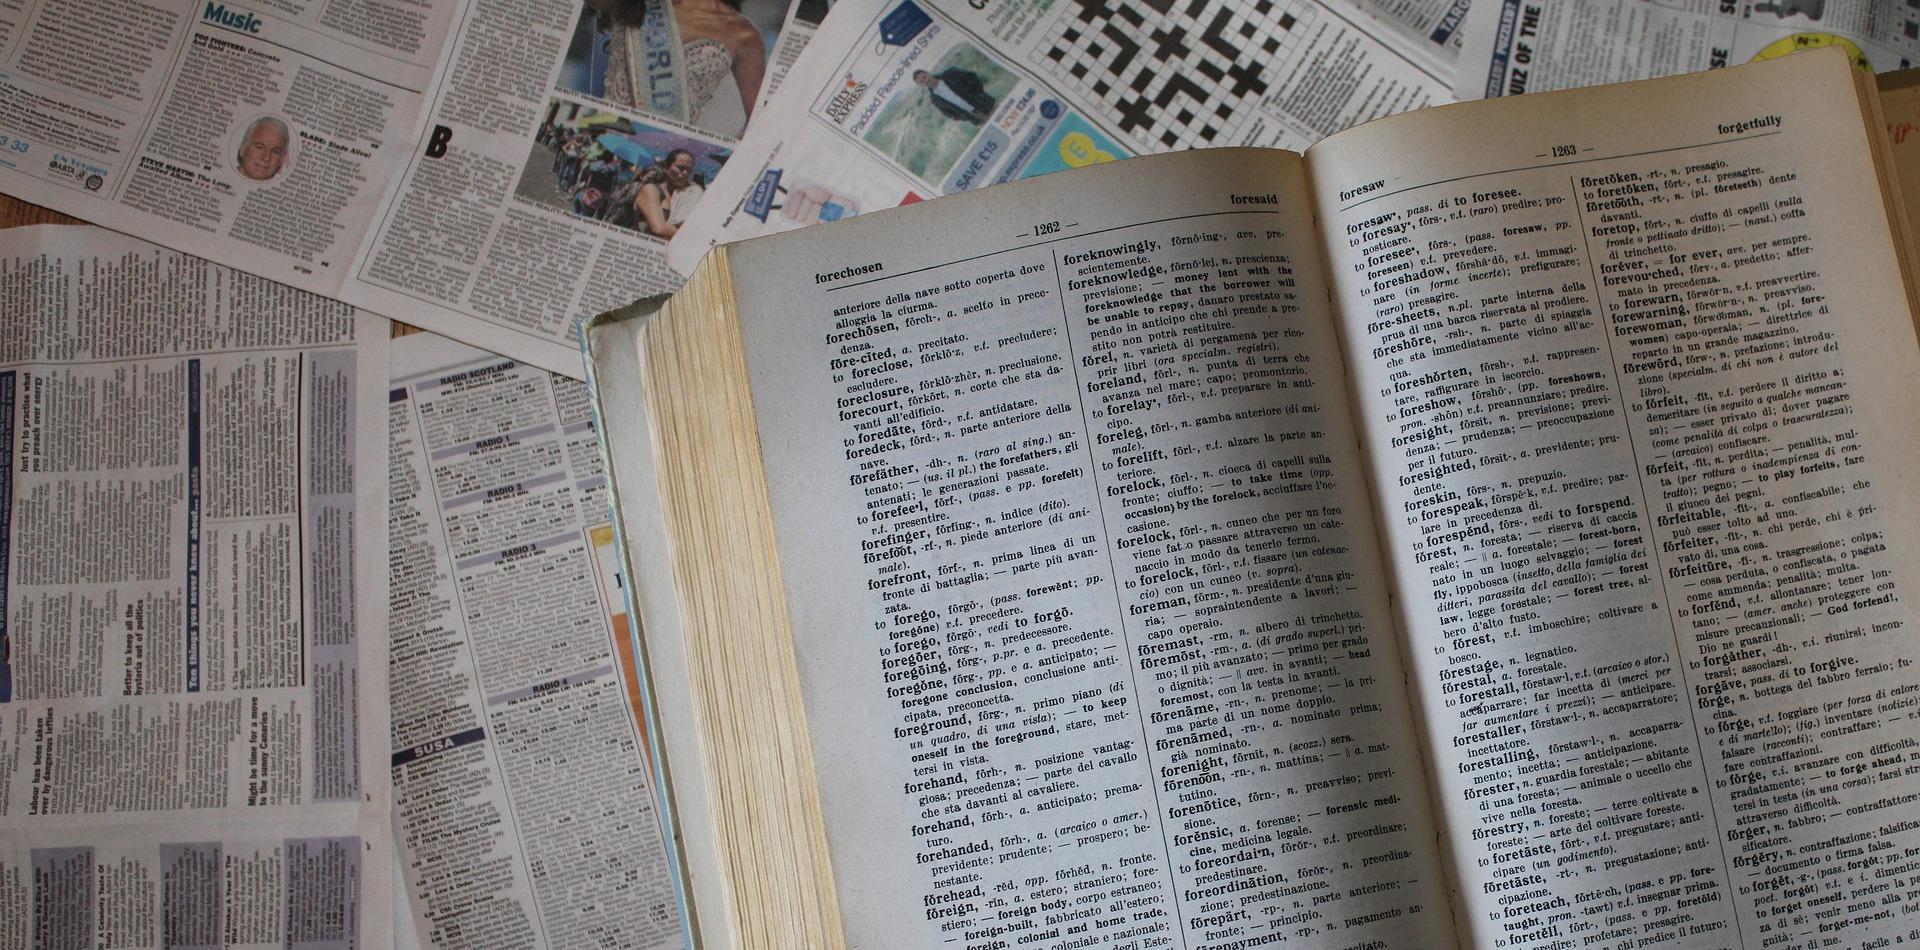 Deset činjenica o engleskom jeziku